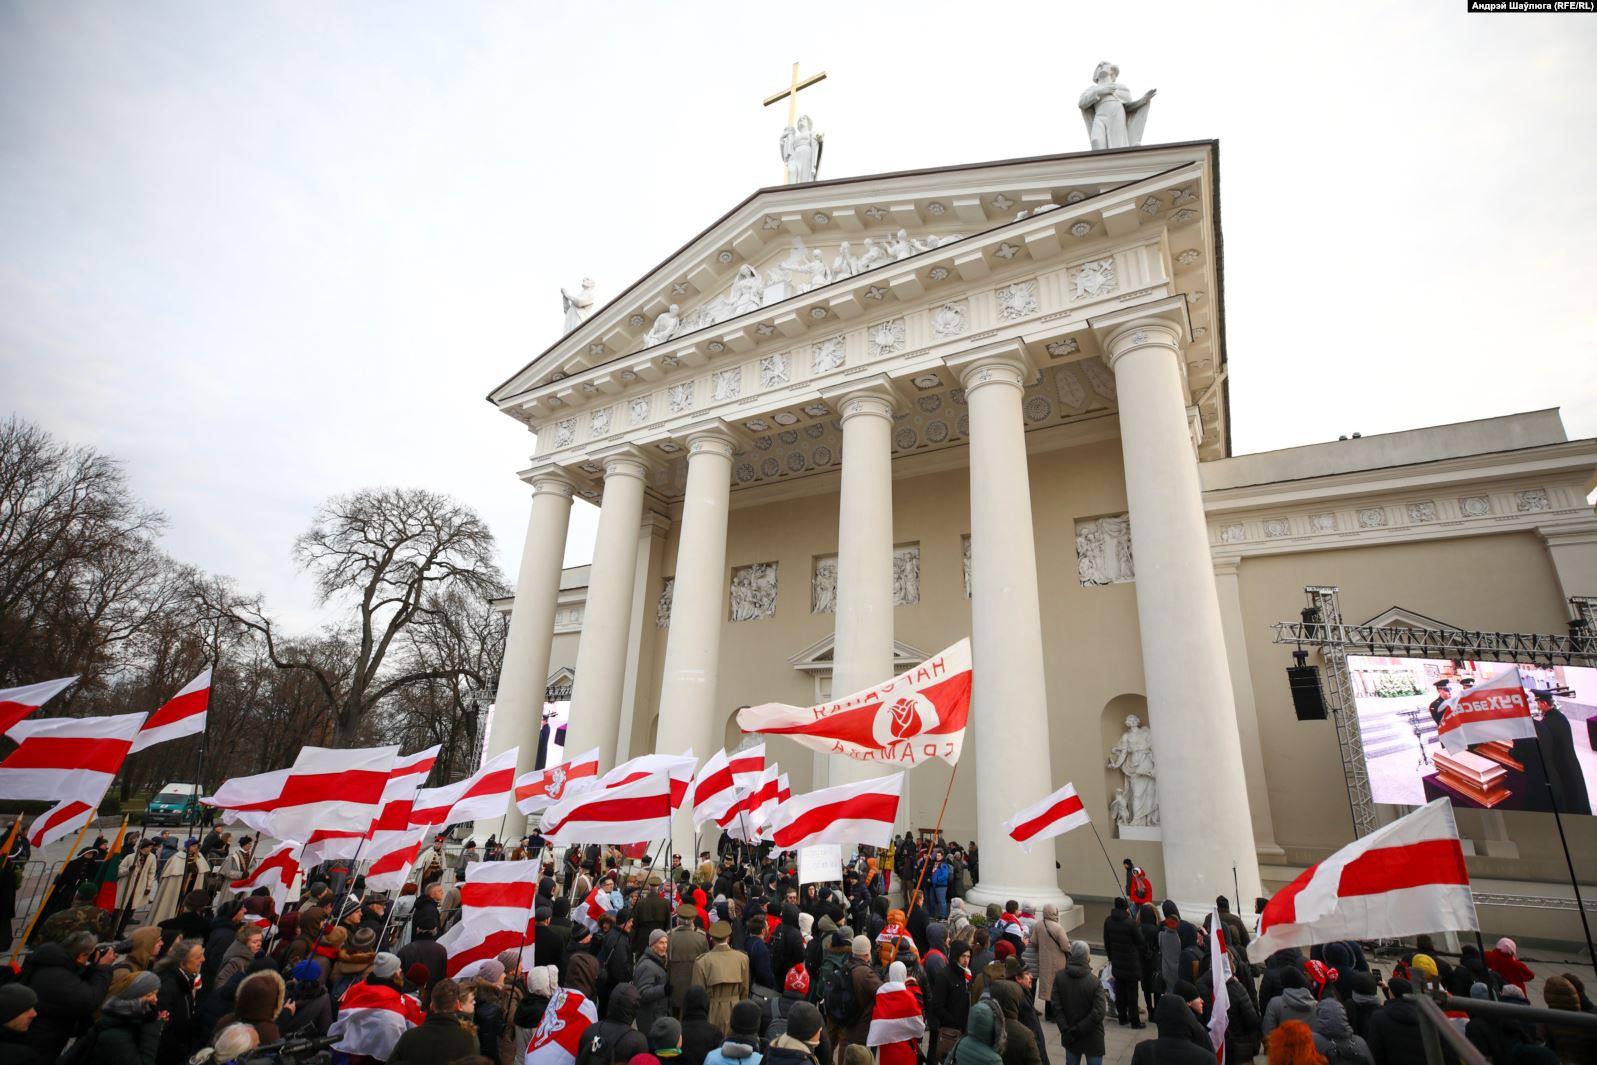 22 лістапада 2019 года віленскія ўрачыстасьці перапахаваньня Кастуся Каліноўскага